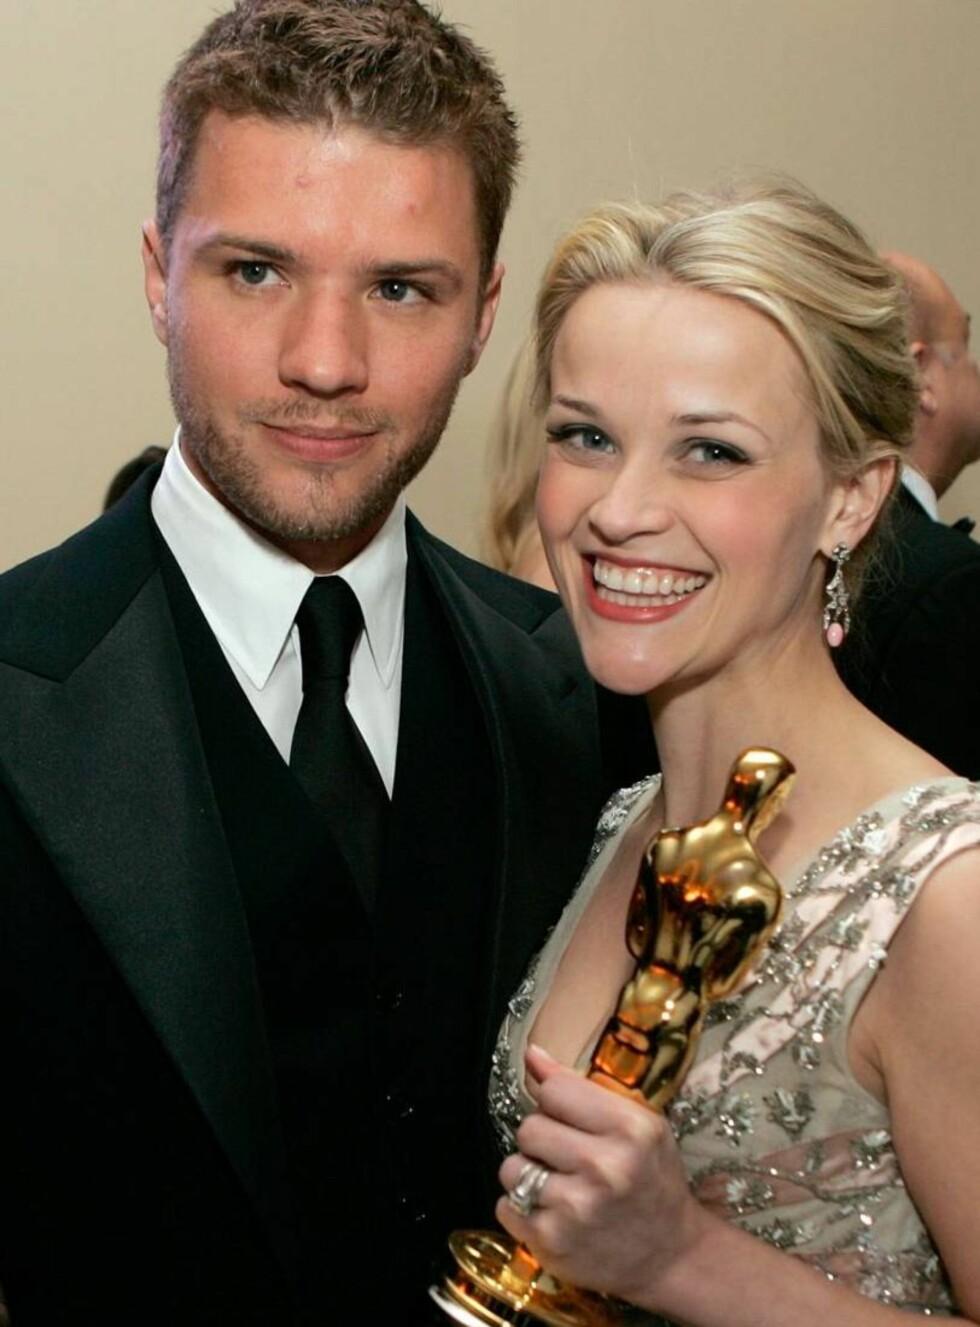 NY GULLGUTT?: Amerikanske medier hevder Reese er minst fire måneder på vei. Foto: All Over Press